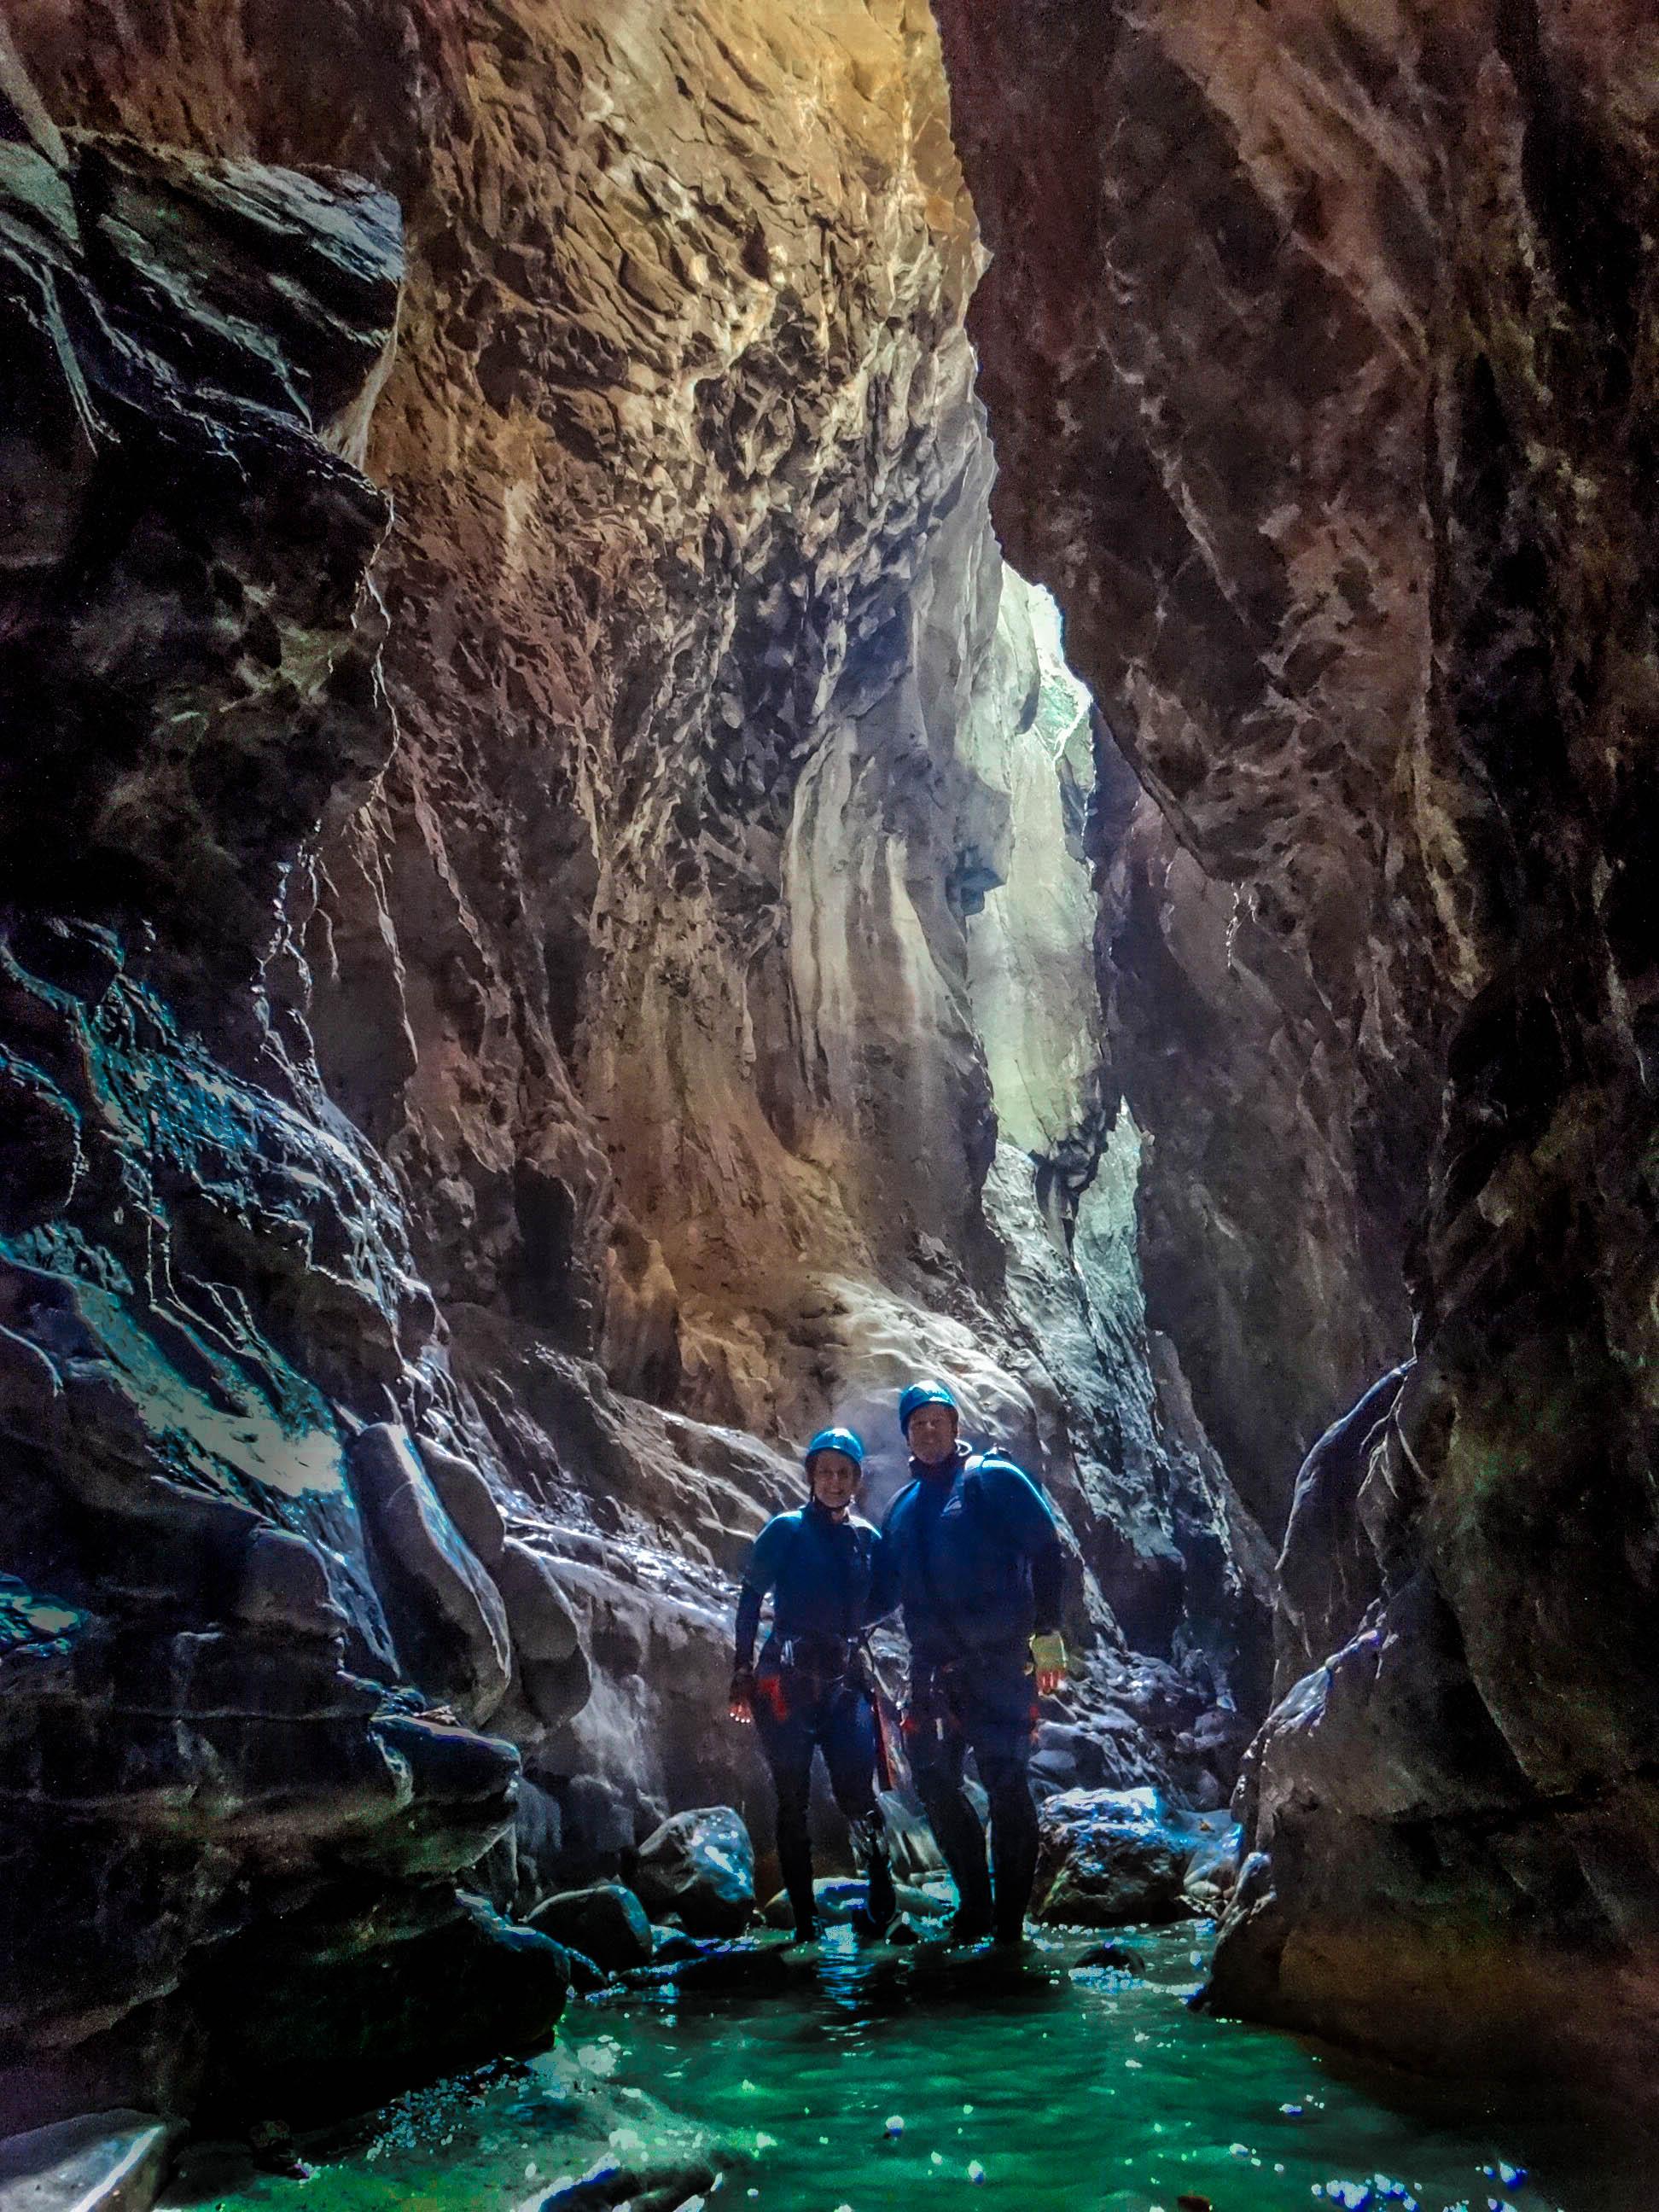 Le canyon de Gloces, considéré comme l'un des plus beaux des Pyrénées